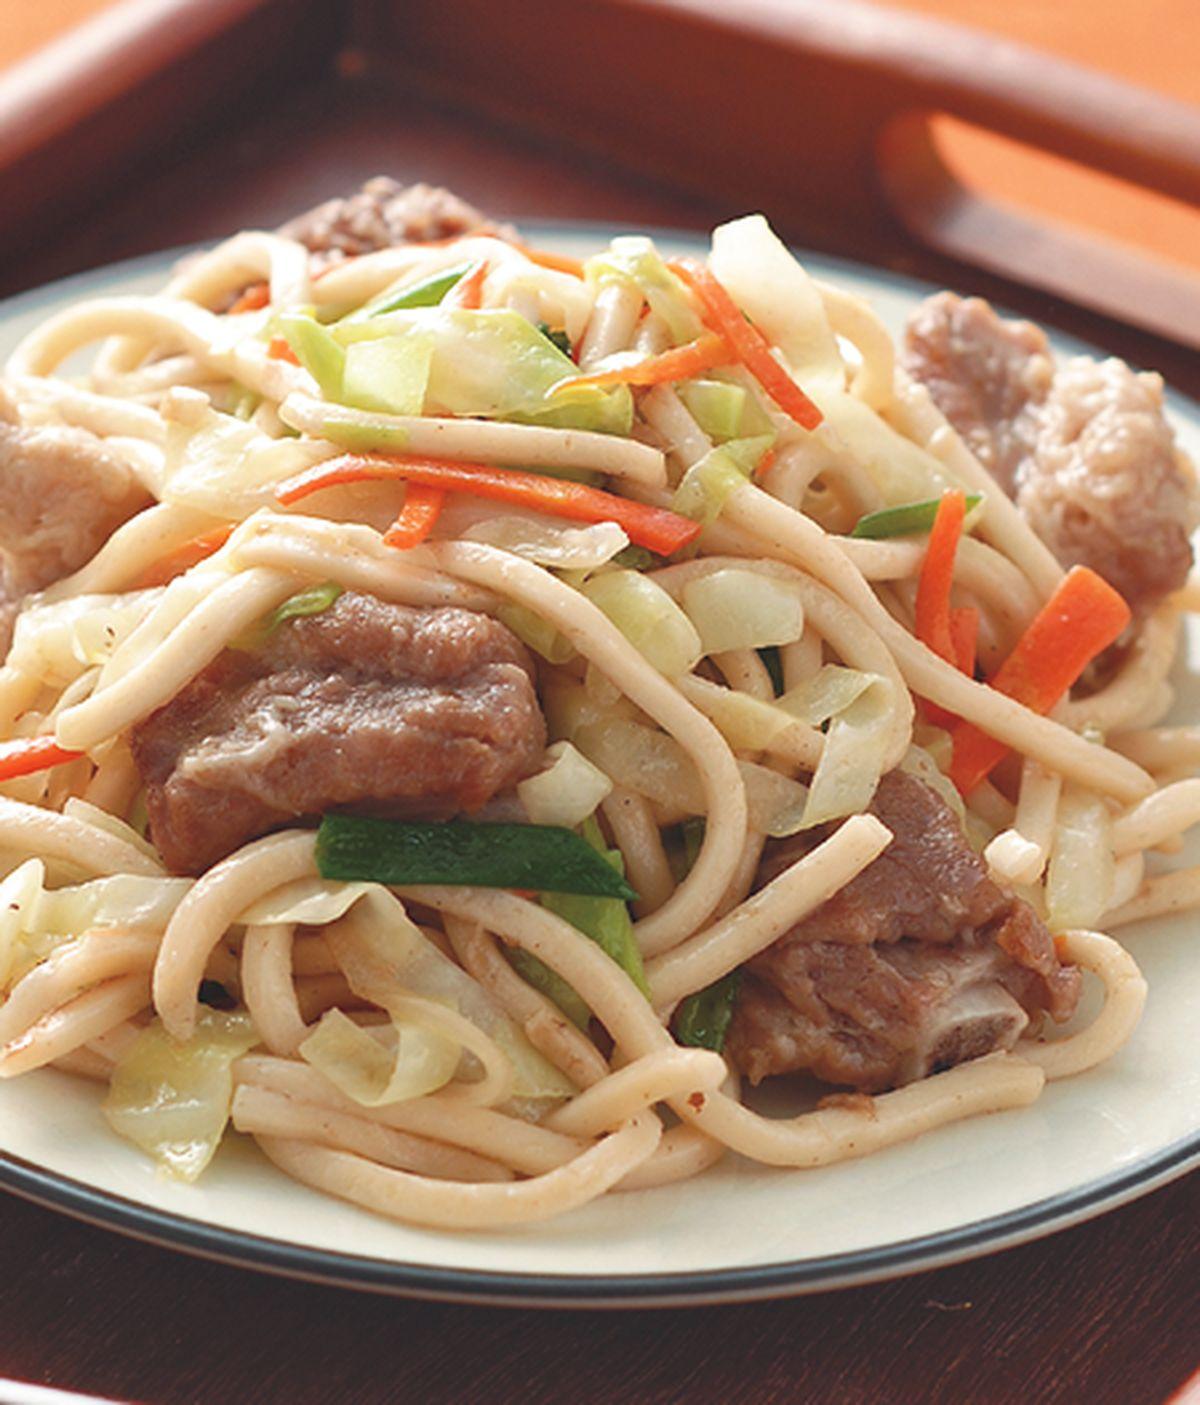 食譜:排骨炒粗麵